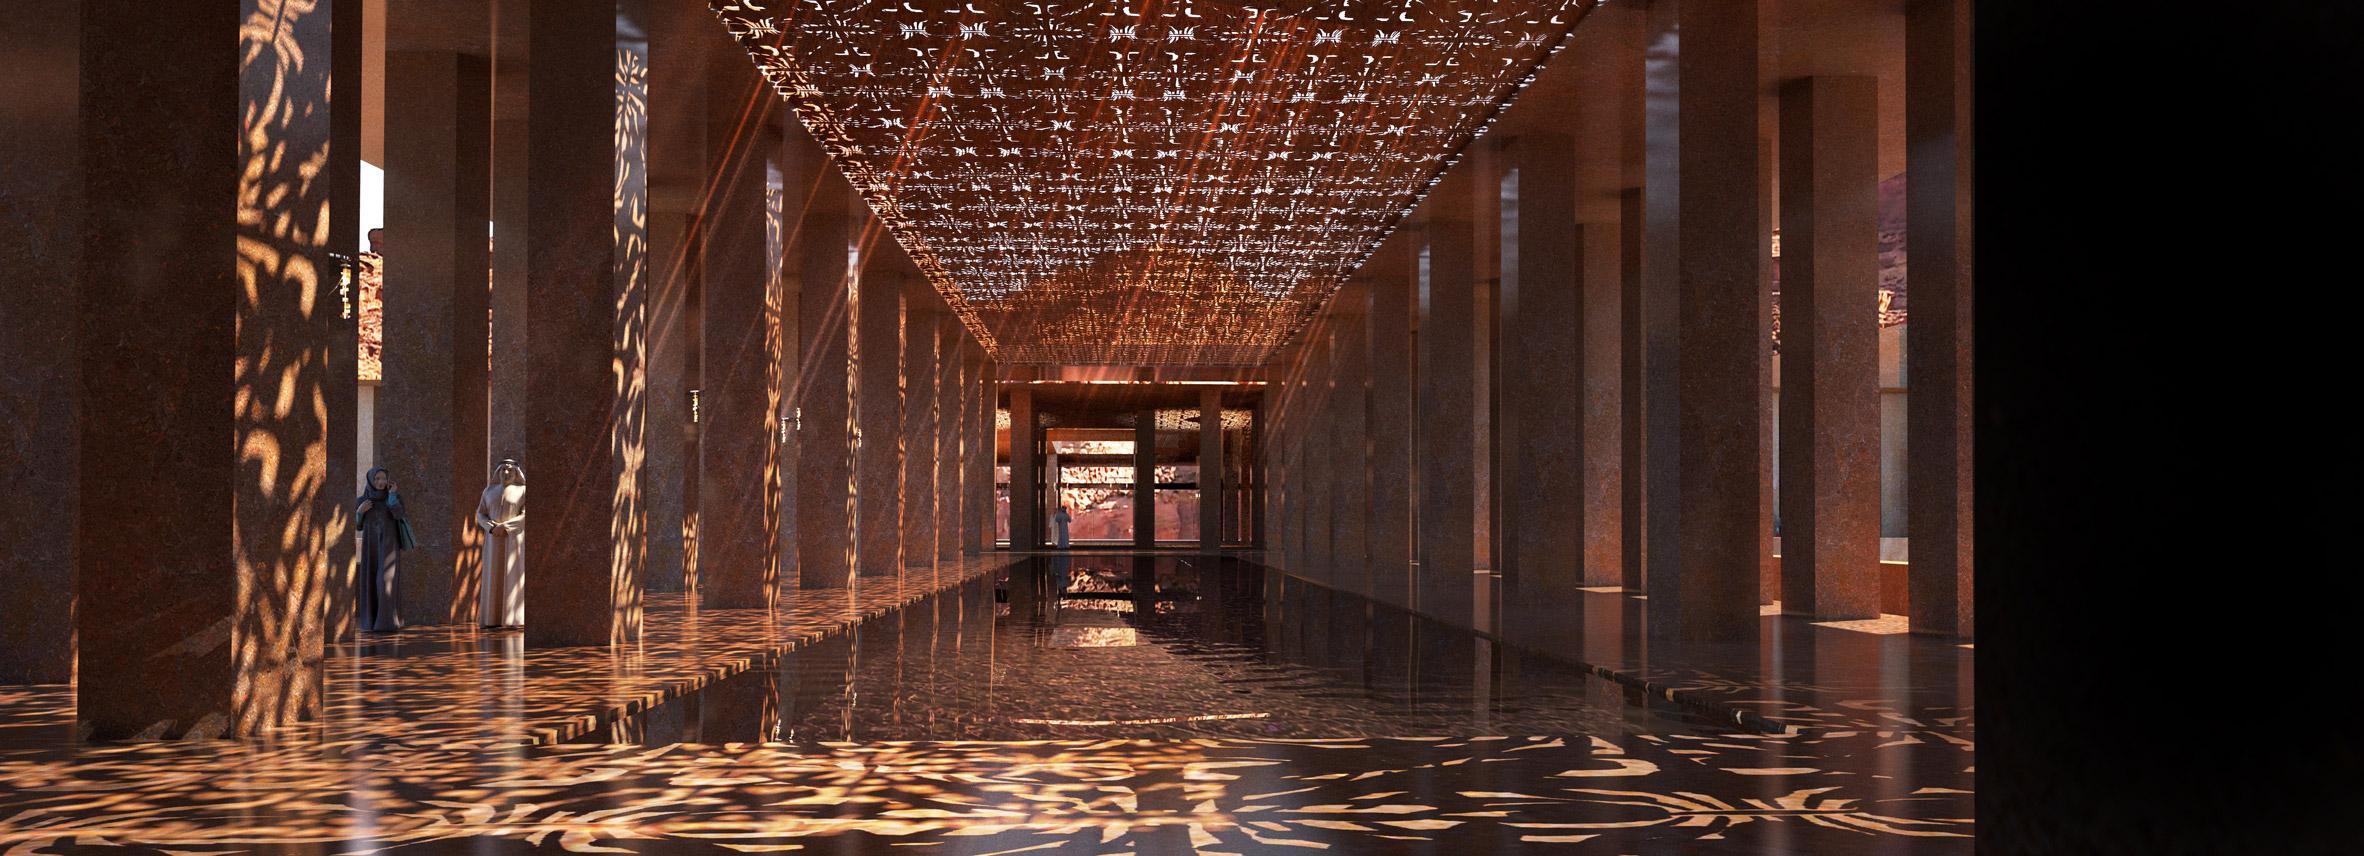 Entrada al hotel / Sharaan by Jean Nouvel hotel in Saudi Arabia